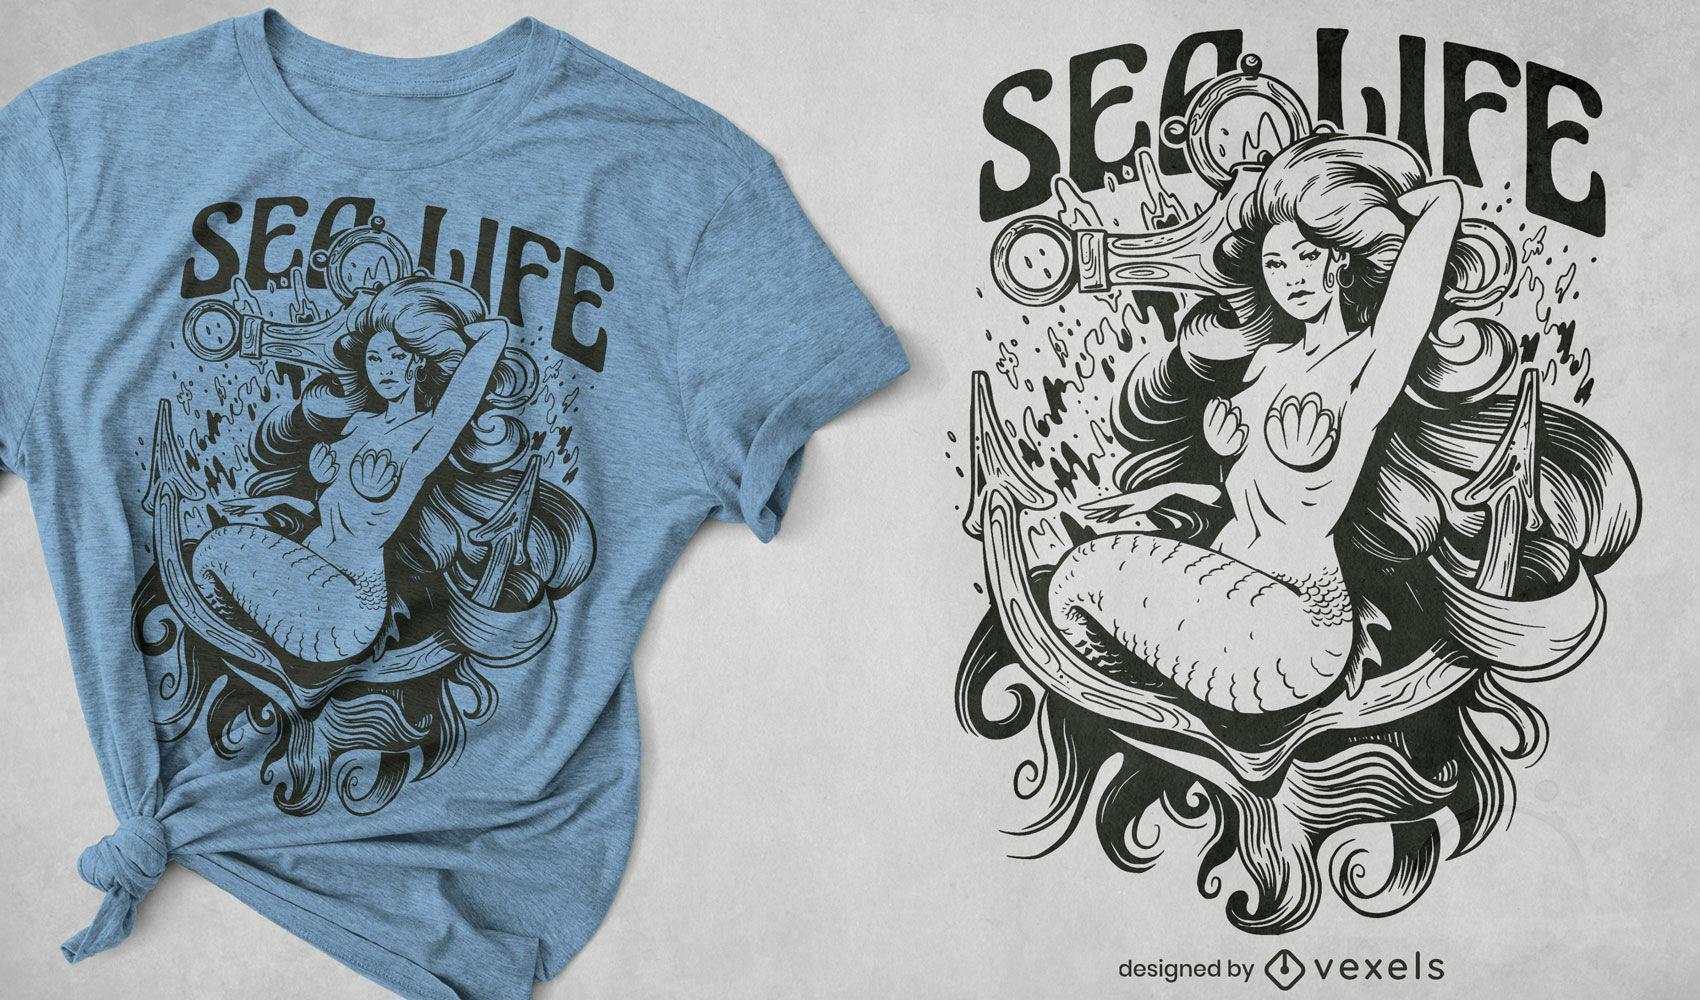 Sirena mitol?gica en dise?o de camiseta de ancla.